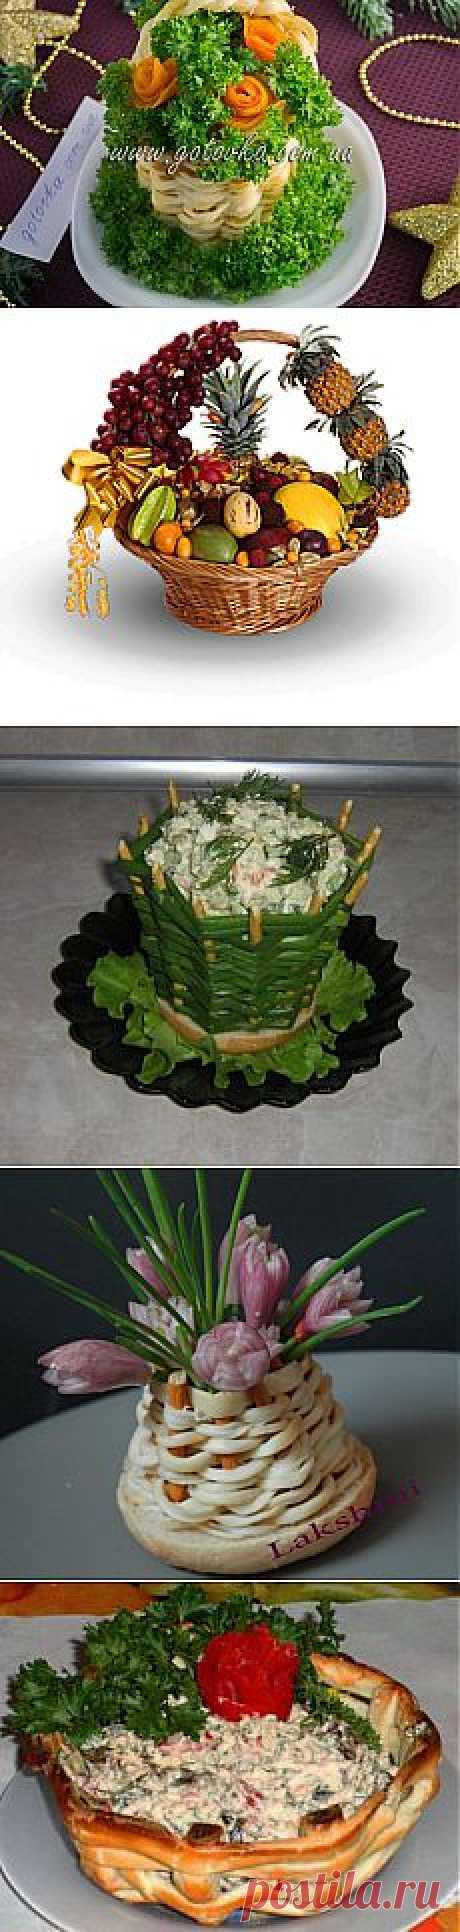 Оригинальные съедобные корзинки для салатов: рецепты и идеи | Советы Народной Мудрости